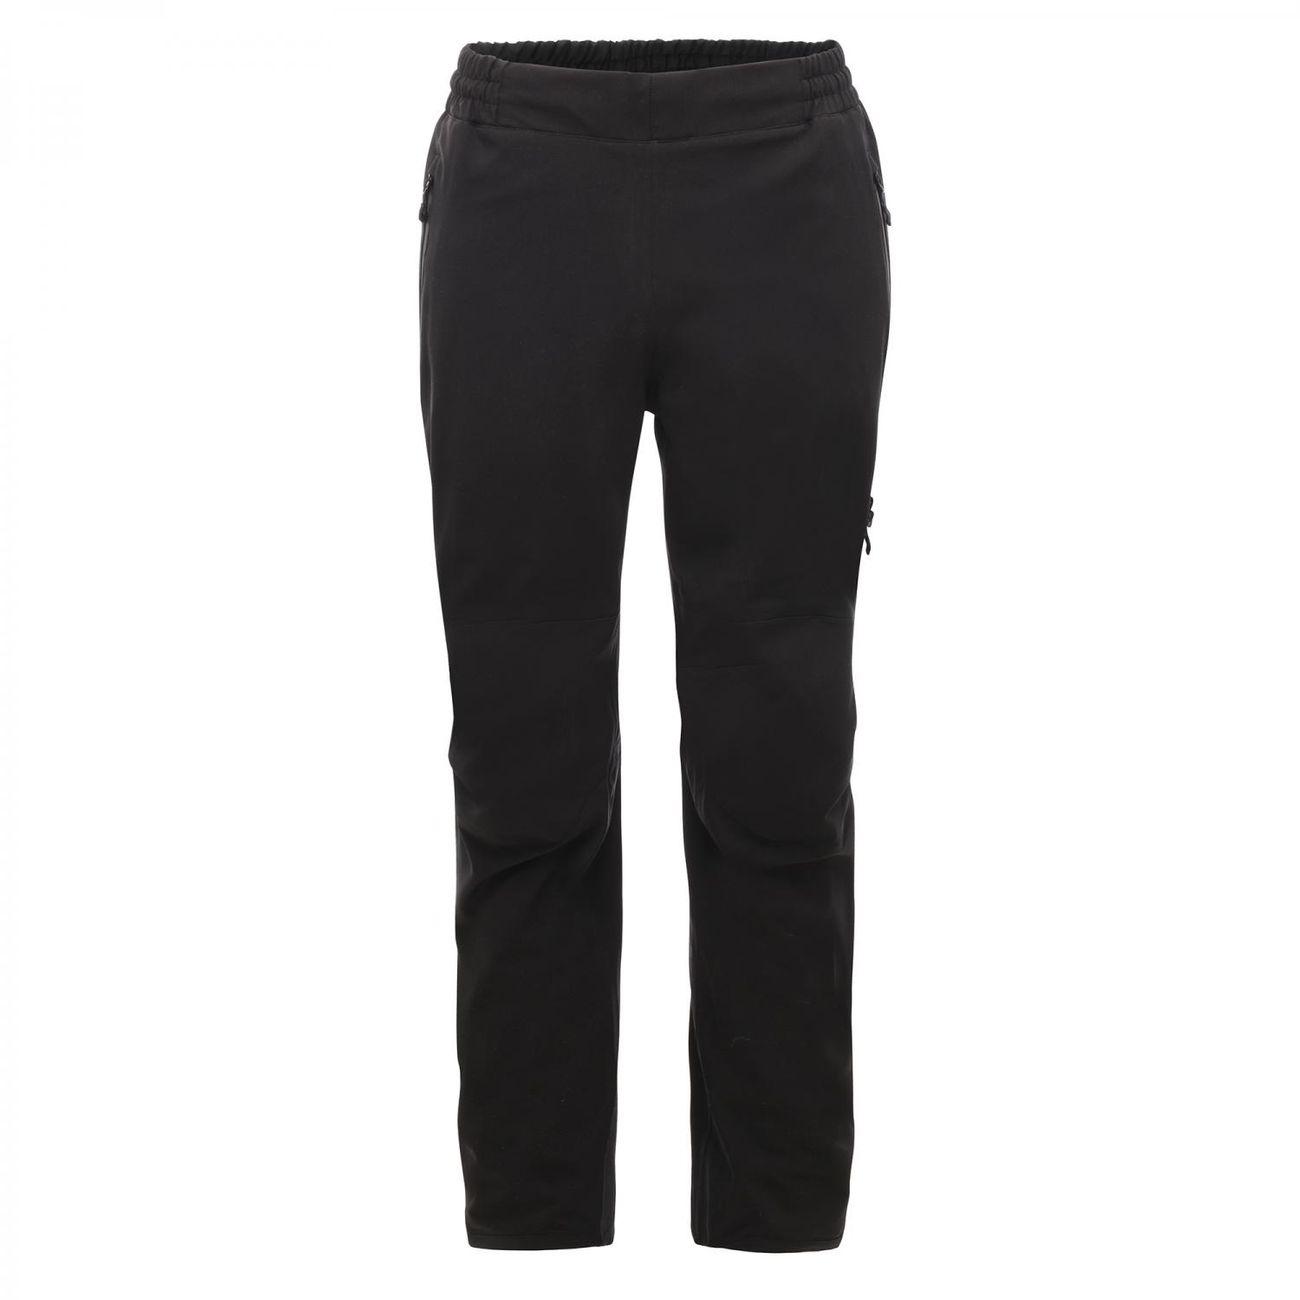 Sur Pantalon ModeLifestyle Imperméable Dare Homme 2b Enflame E9HD2I